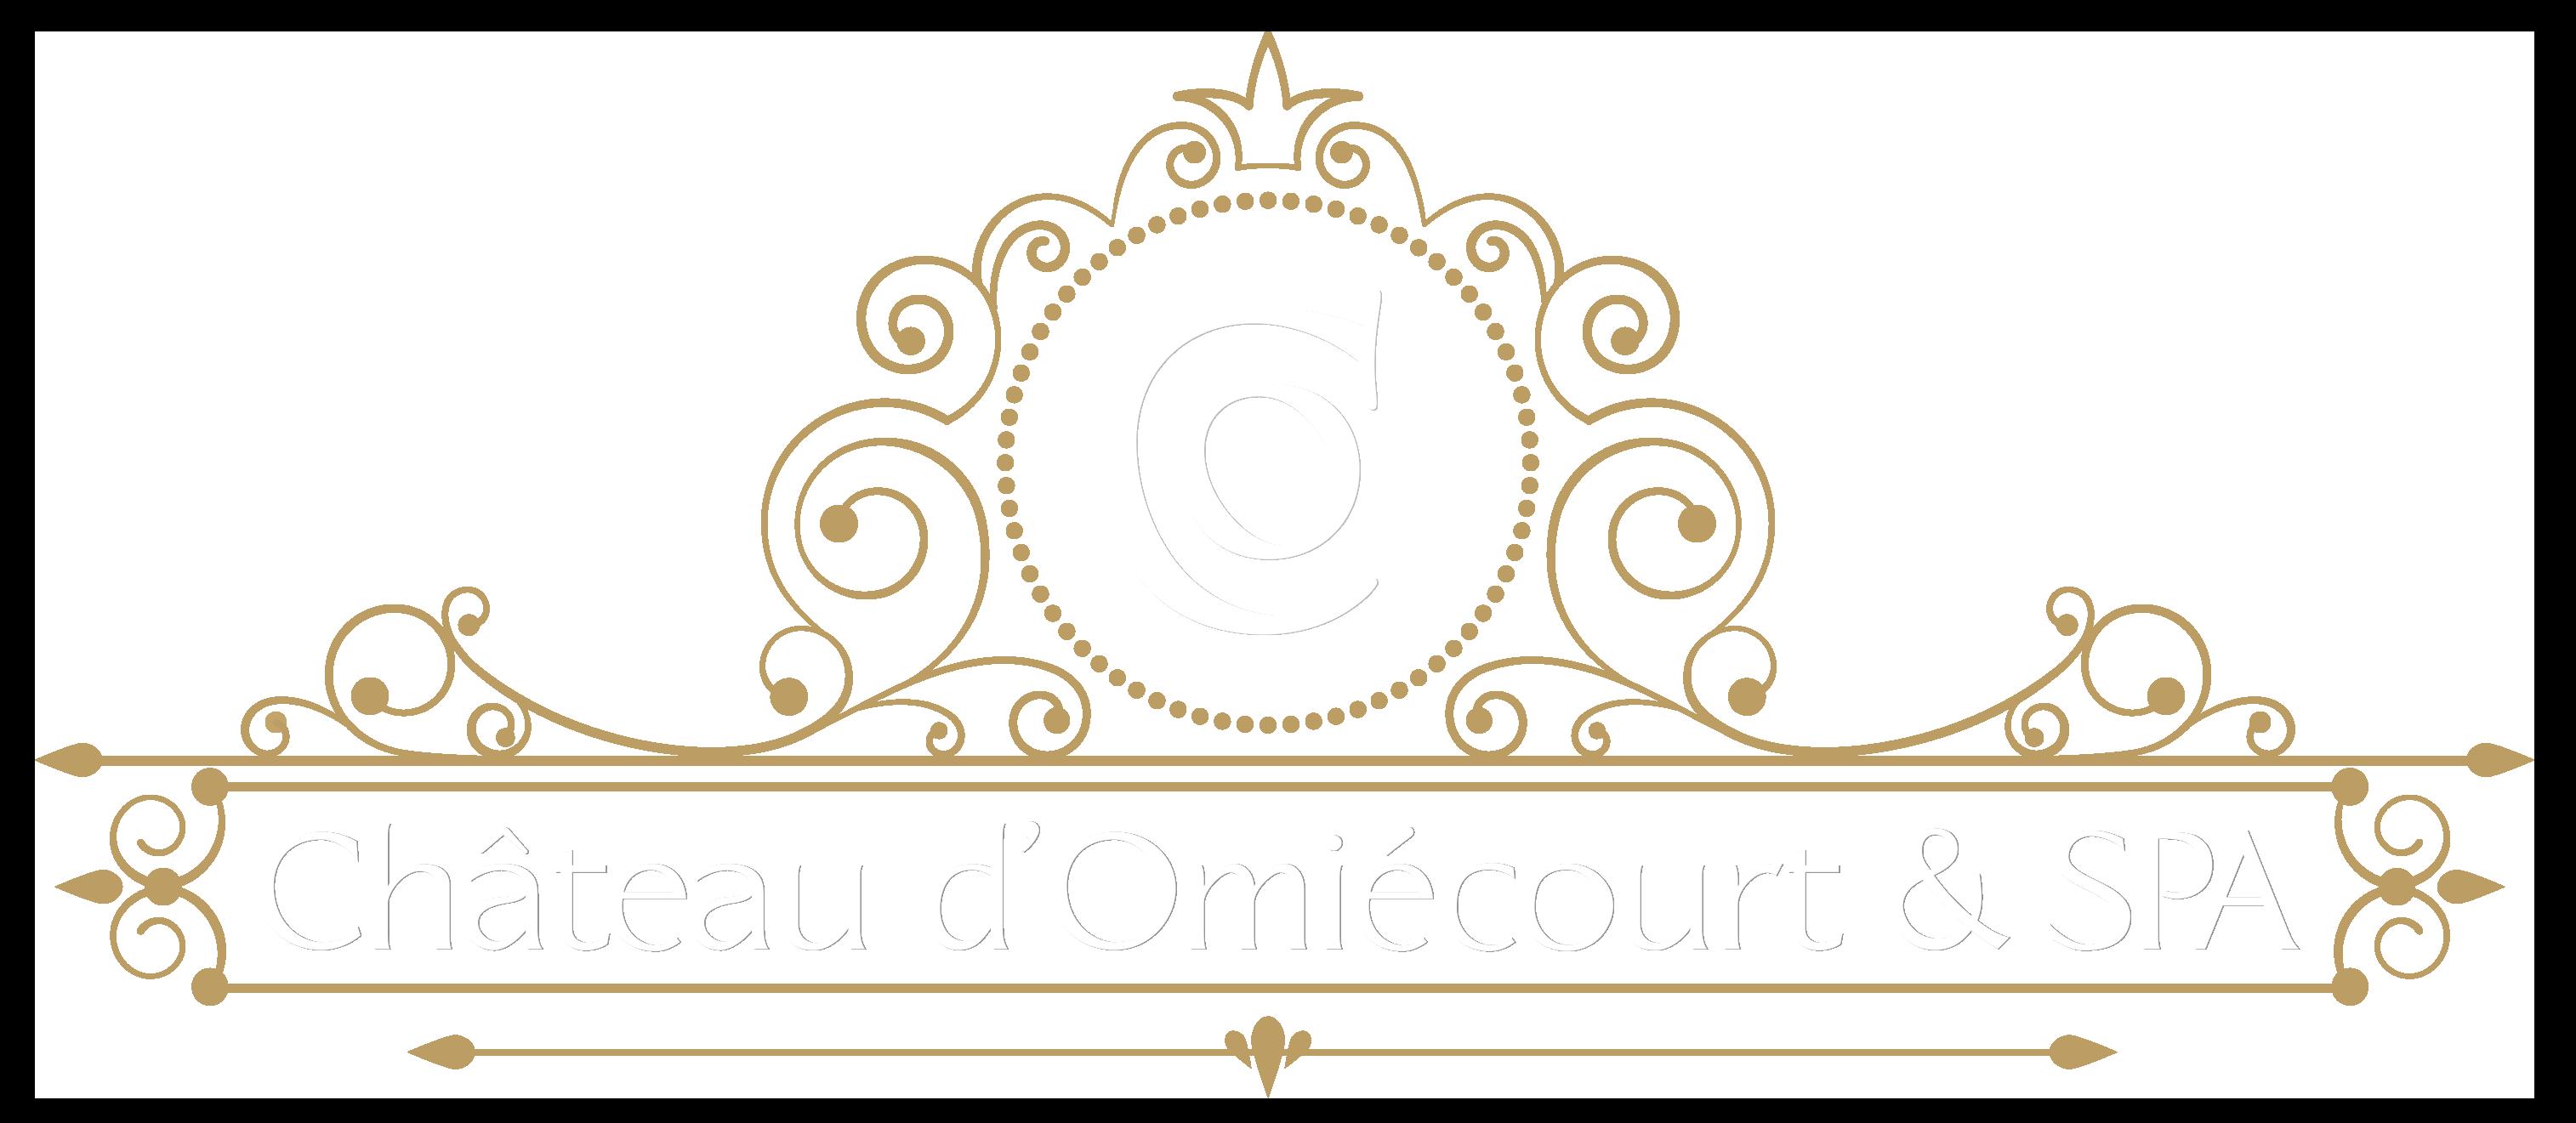 Château d'Omiécourt – Gîtes et chambres d'hôtes en Picardie